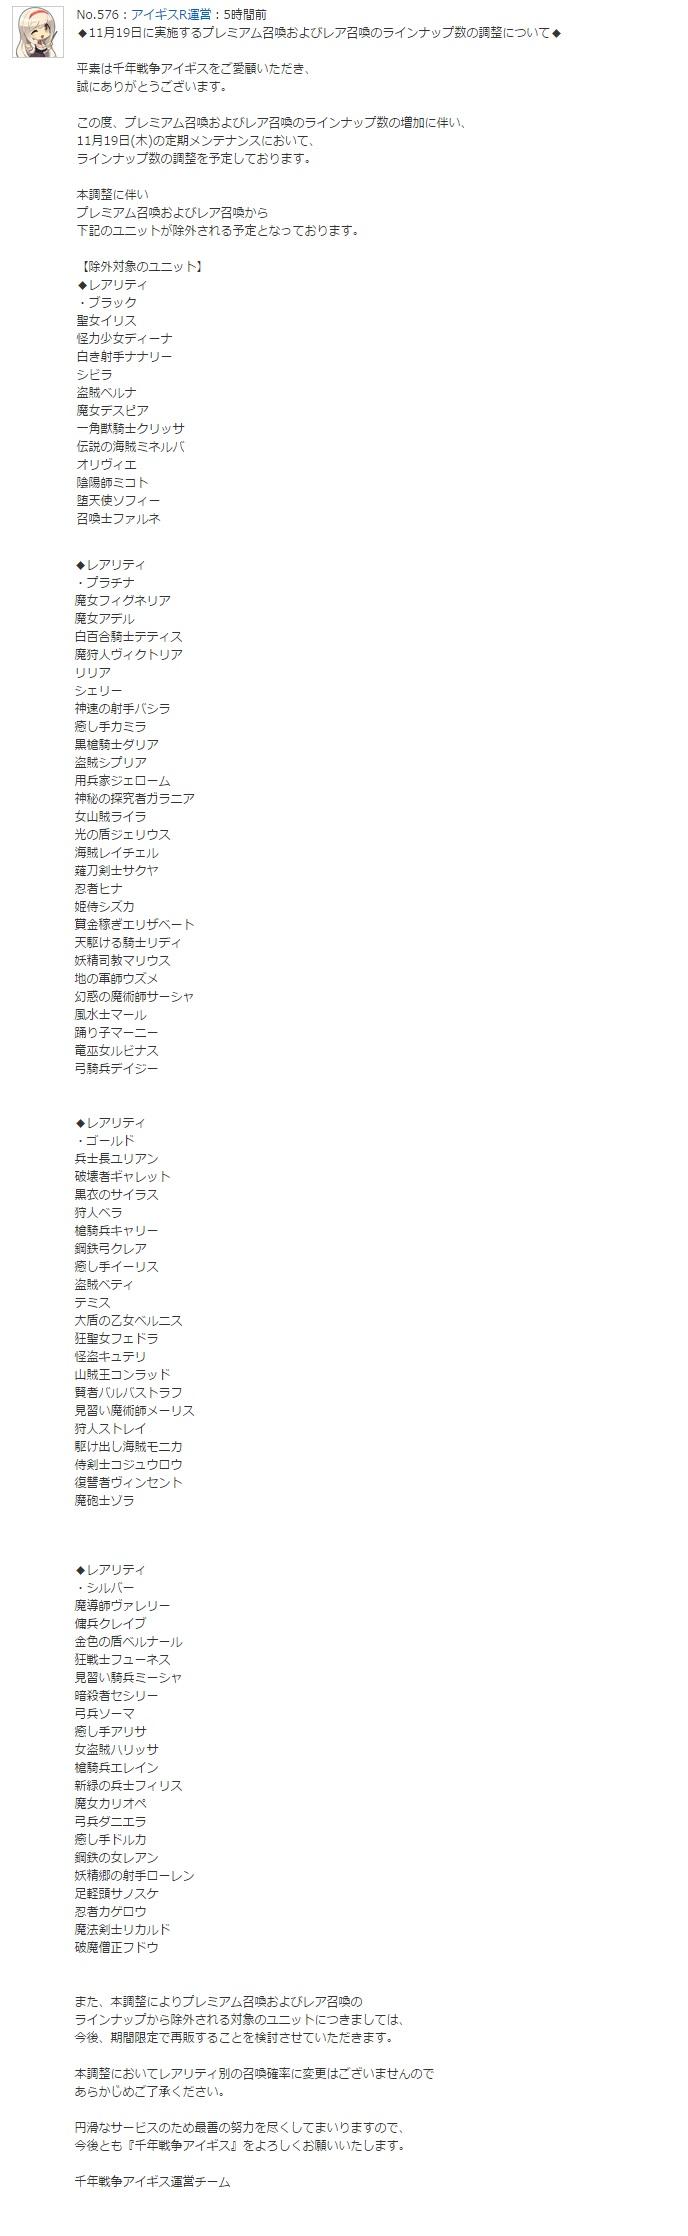 ガチャ廃止ユニット_20151022